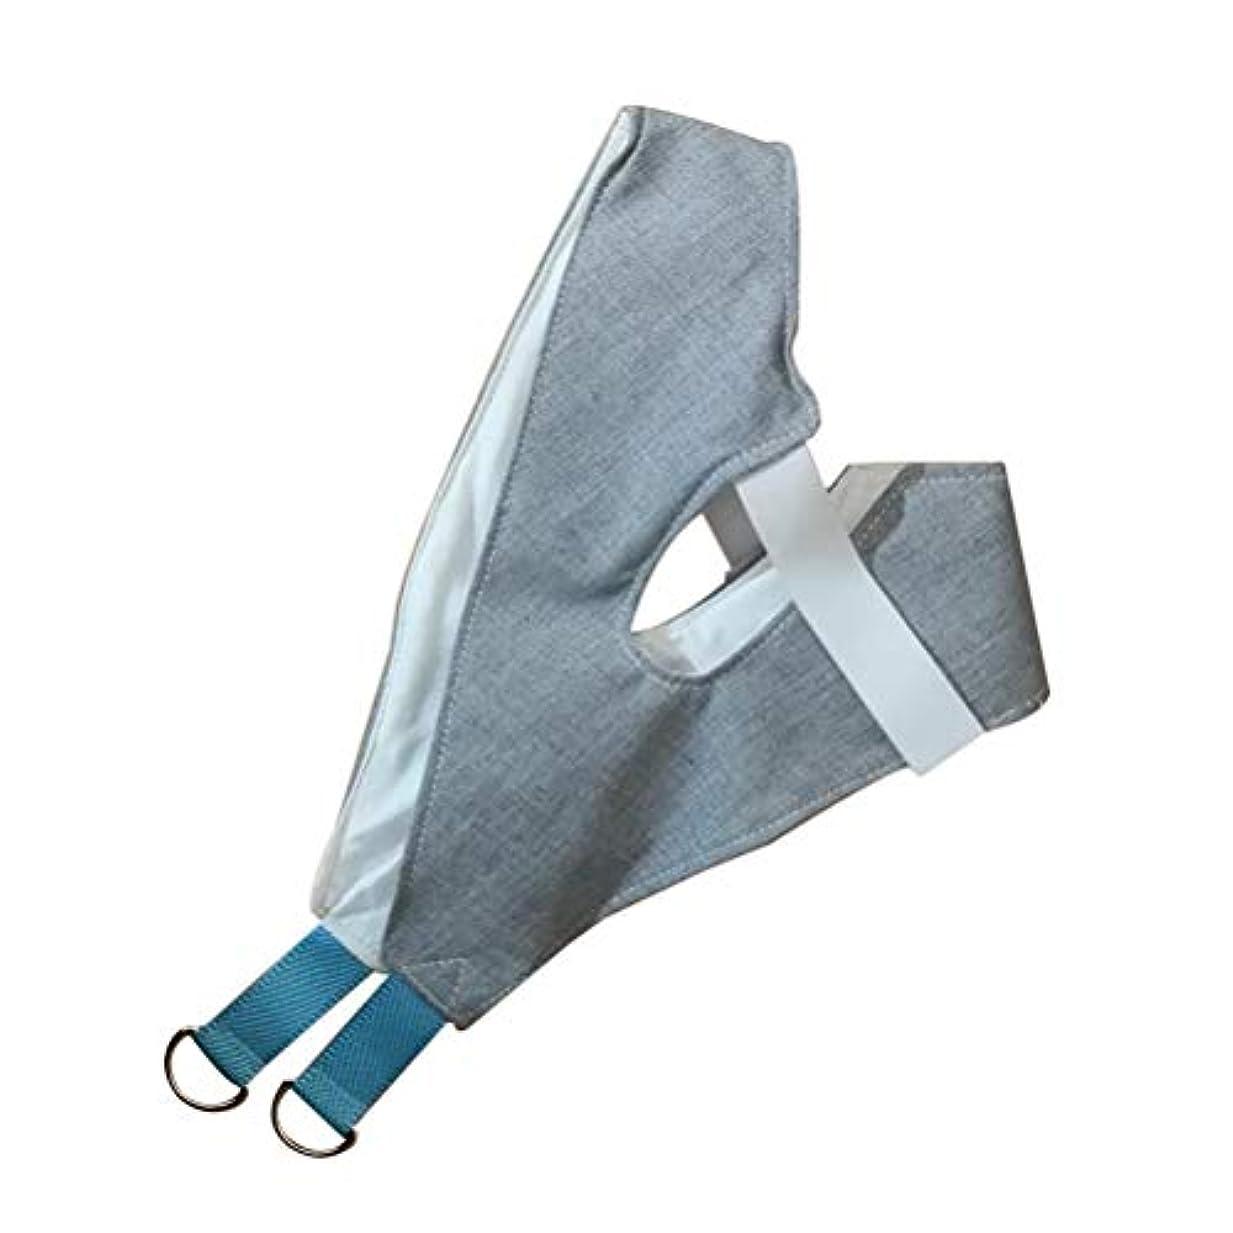 ステレオタイプ再撮りセンターHEALLILY ホームネック牽引装置(ドアの向こう側)頸部牽引装置ユニット肩括弧頭痛緩和および回復用具(ラムダムカラー)